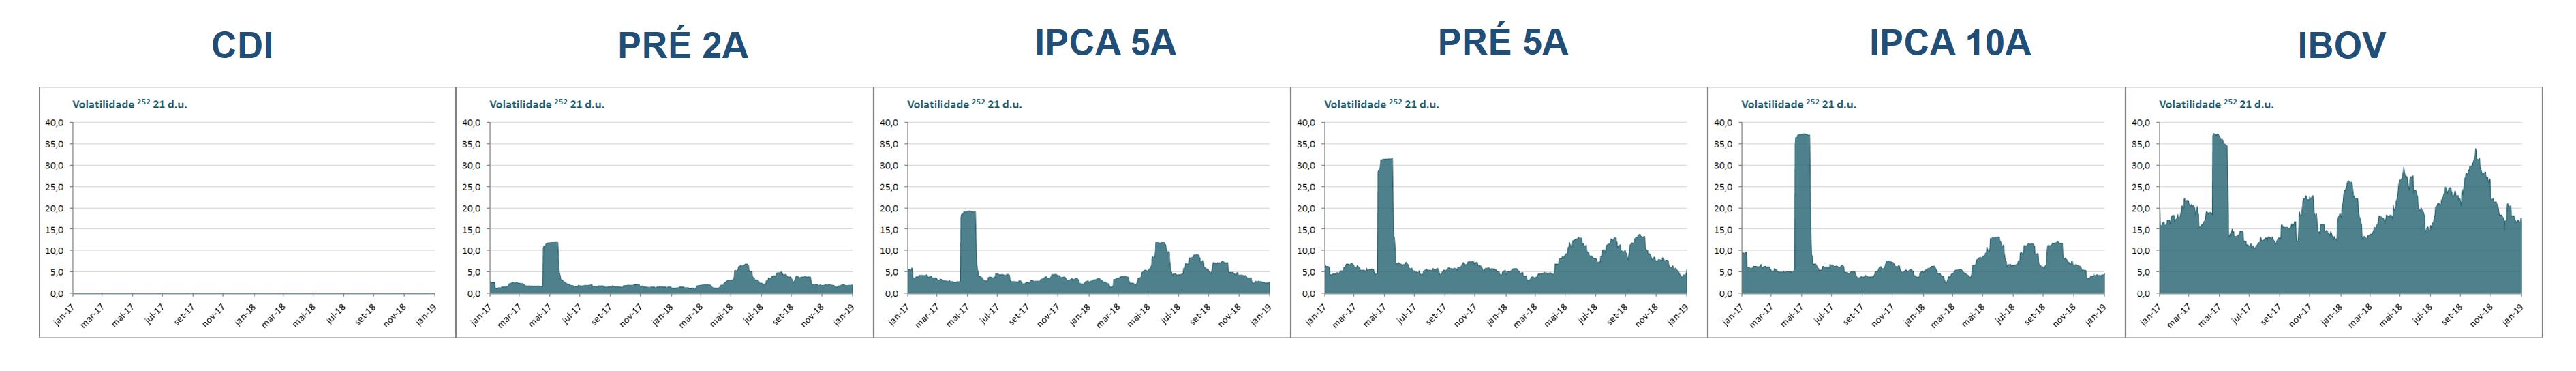 Desvio padrão amostral media movel 21 dias das rentabilidades do CDI Prefixados e IPCA